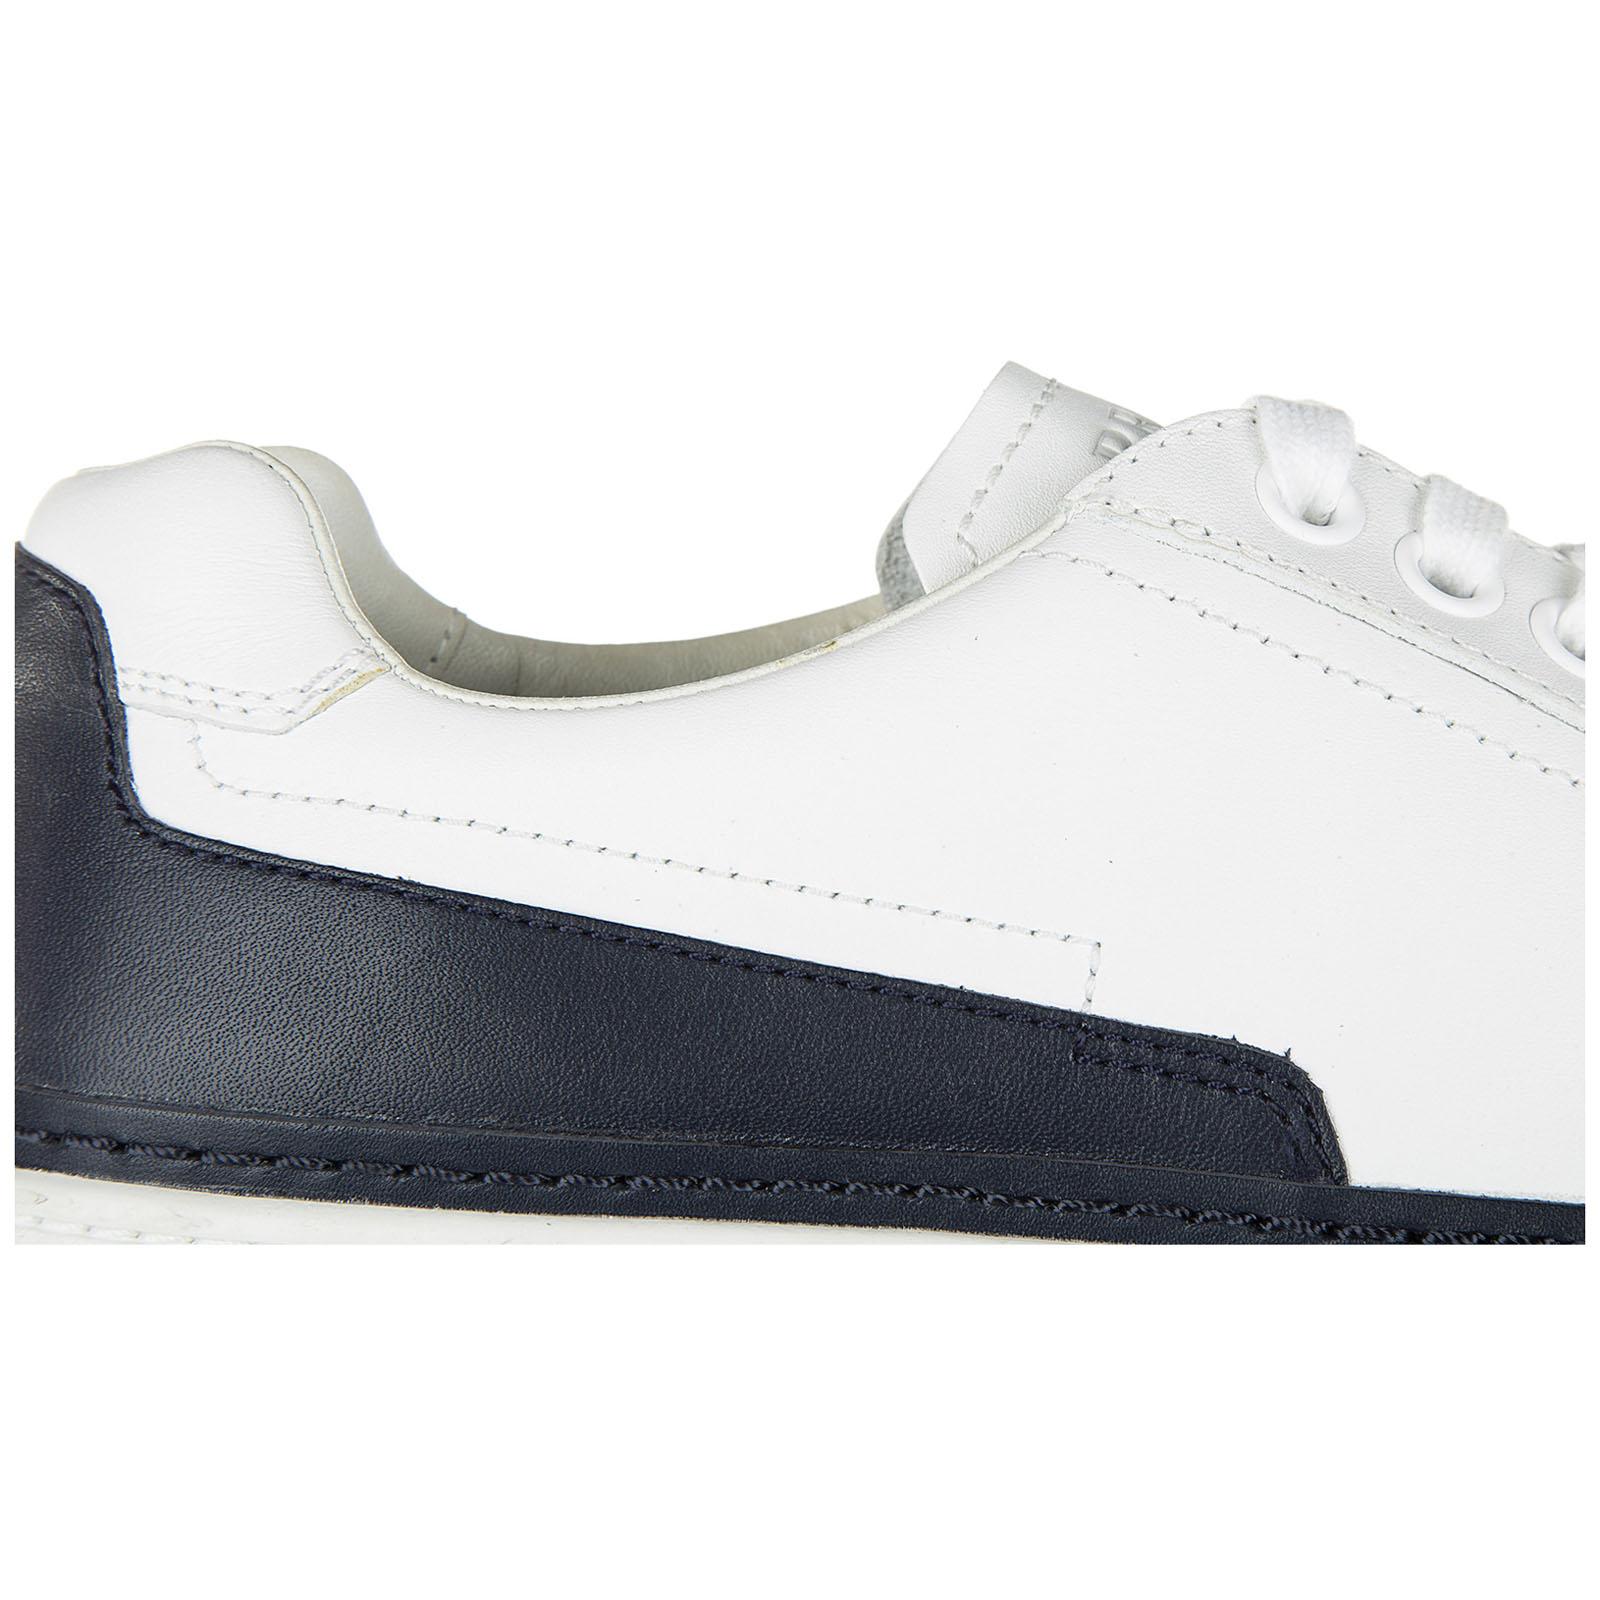 Zapatos zapatillas de deporte hombres en piel nevada calf